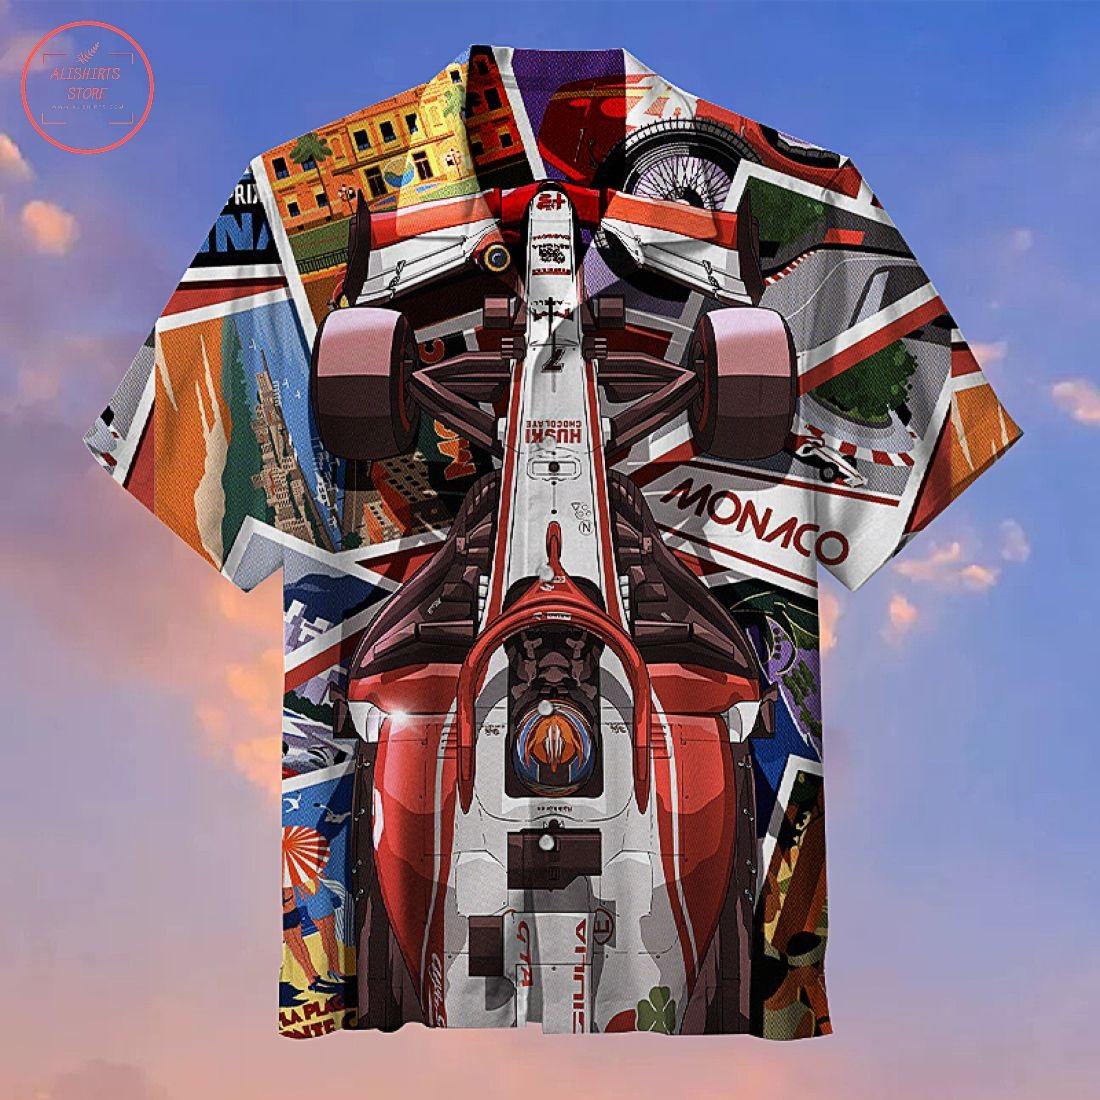 Cool equation racing style Hawaiian Shirt